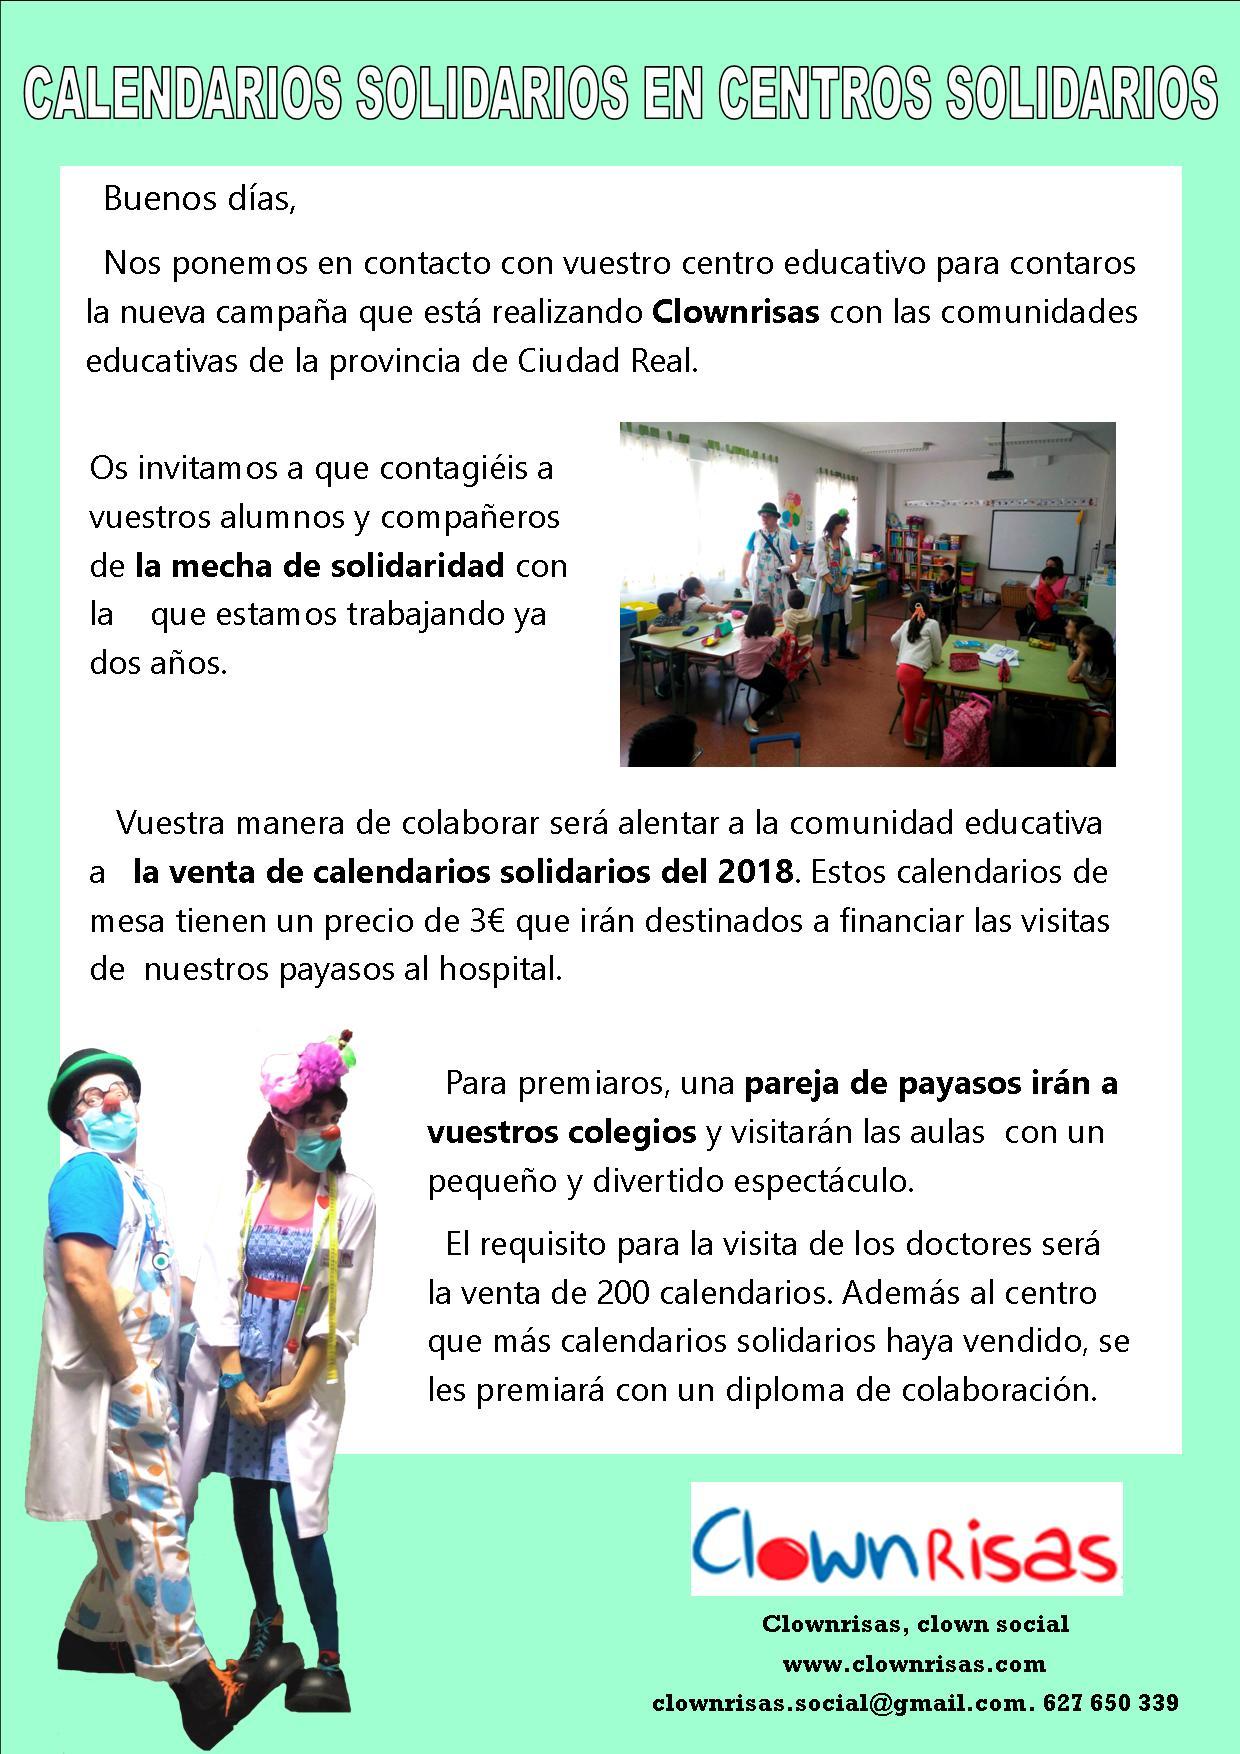 Colegios solidarios, calendarios solidarios.